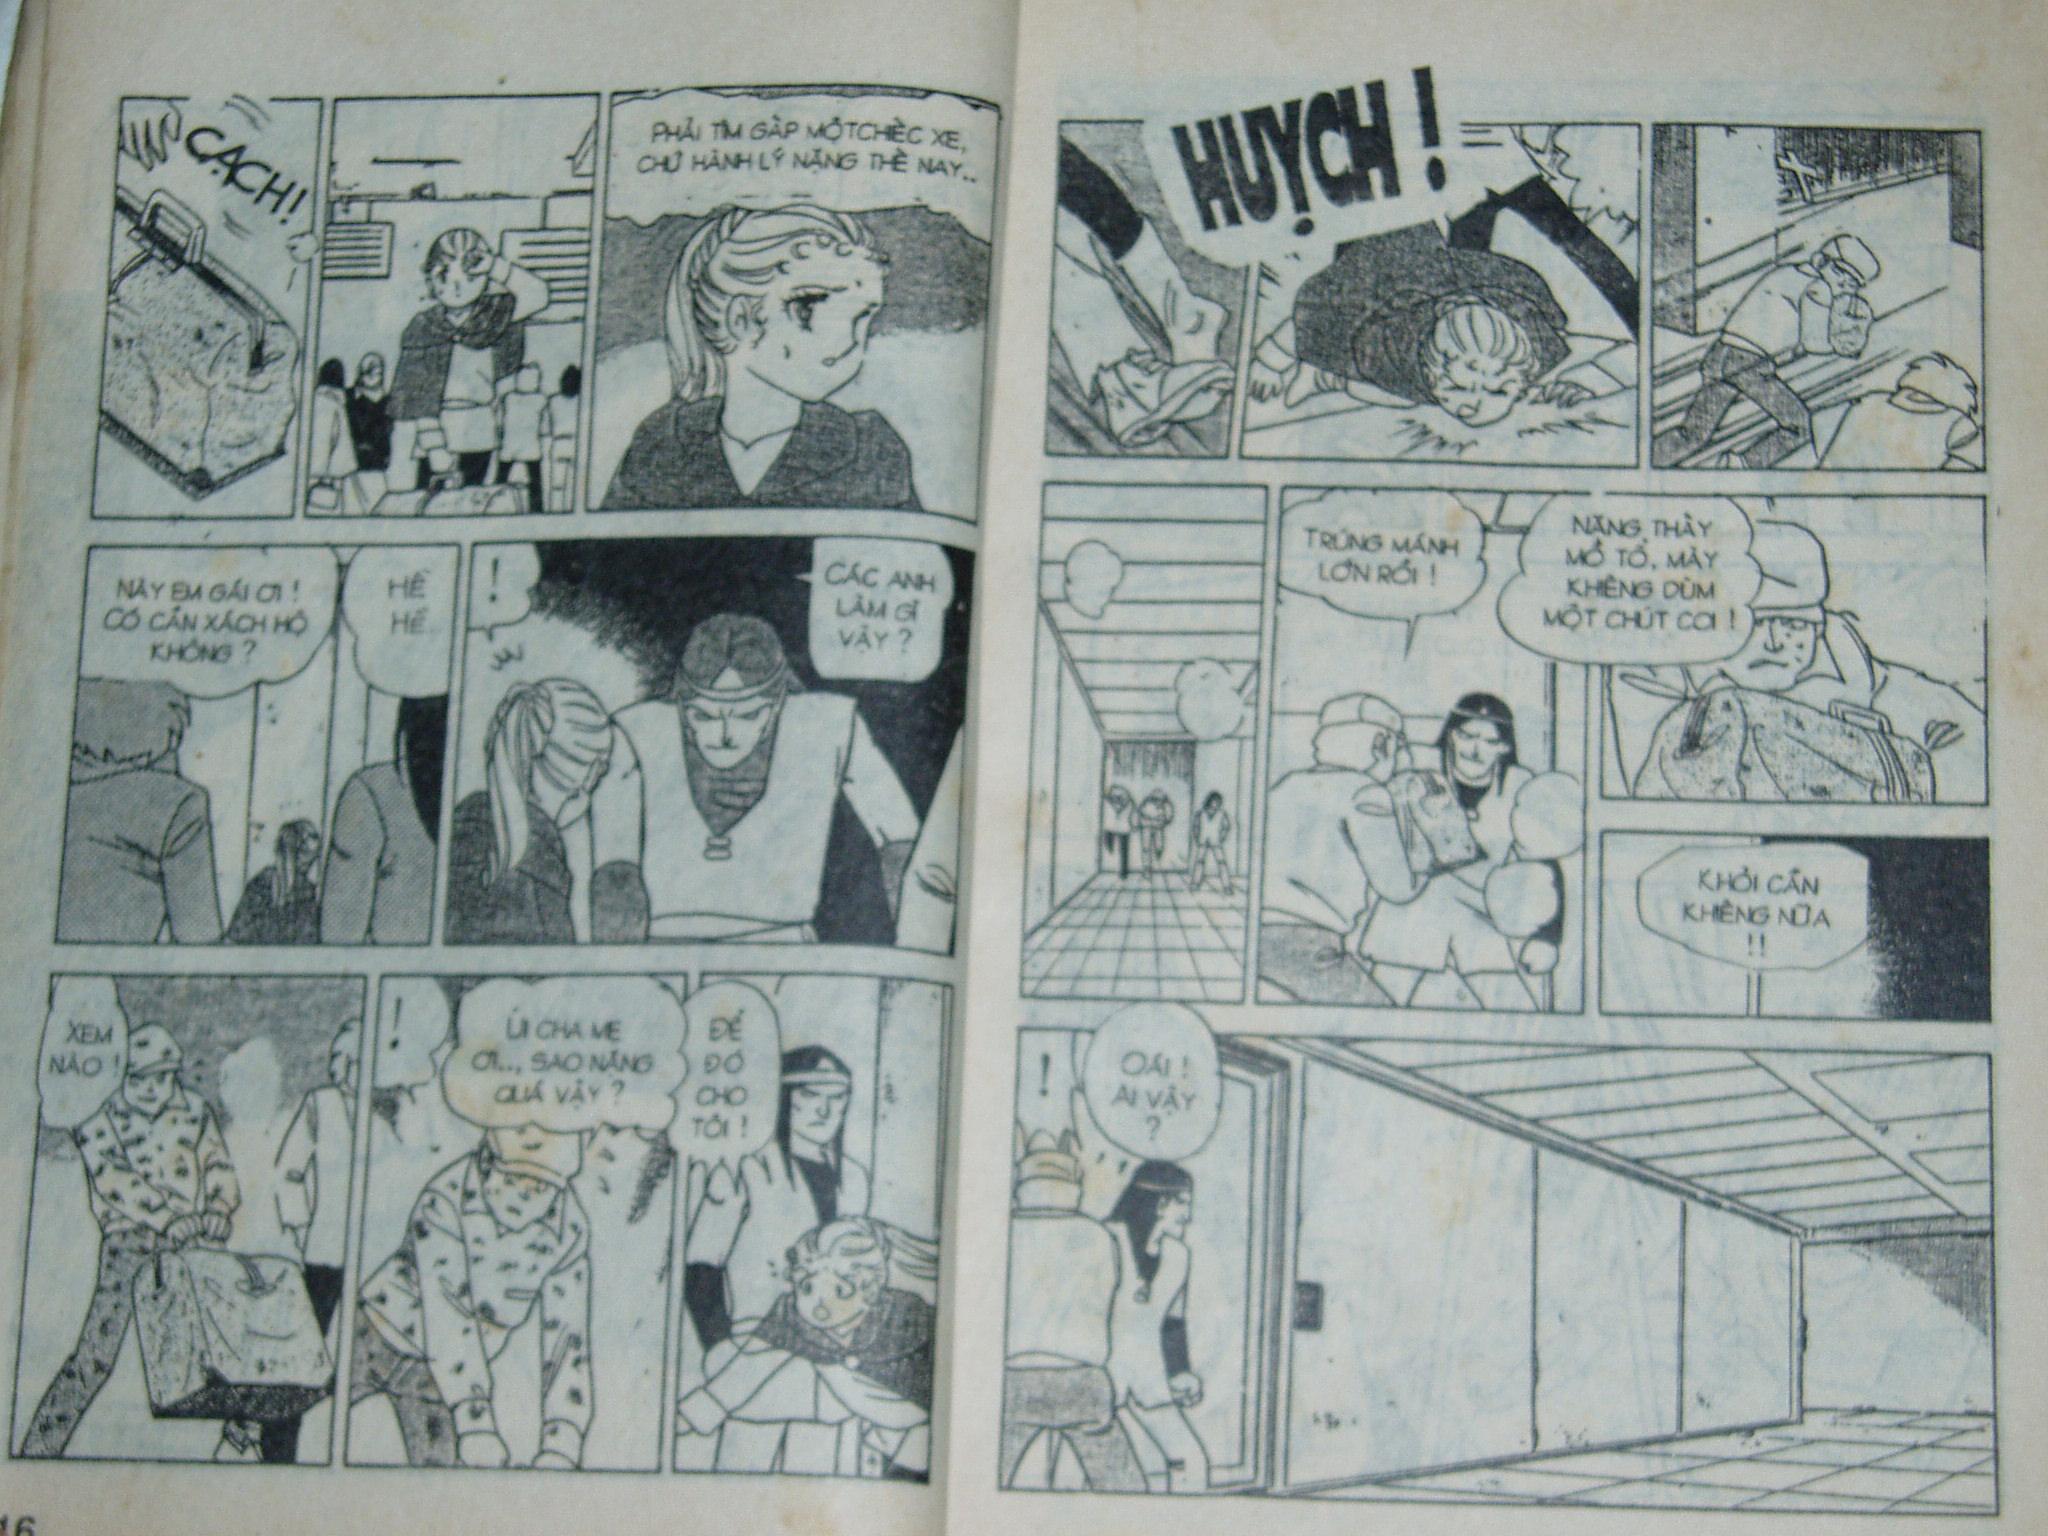 Siêu nhân Locke vol 16 trang 7